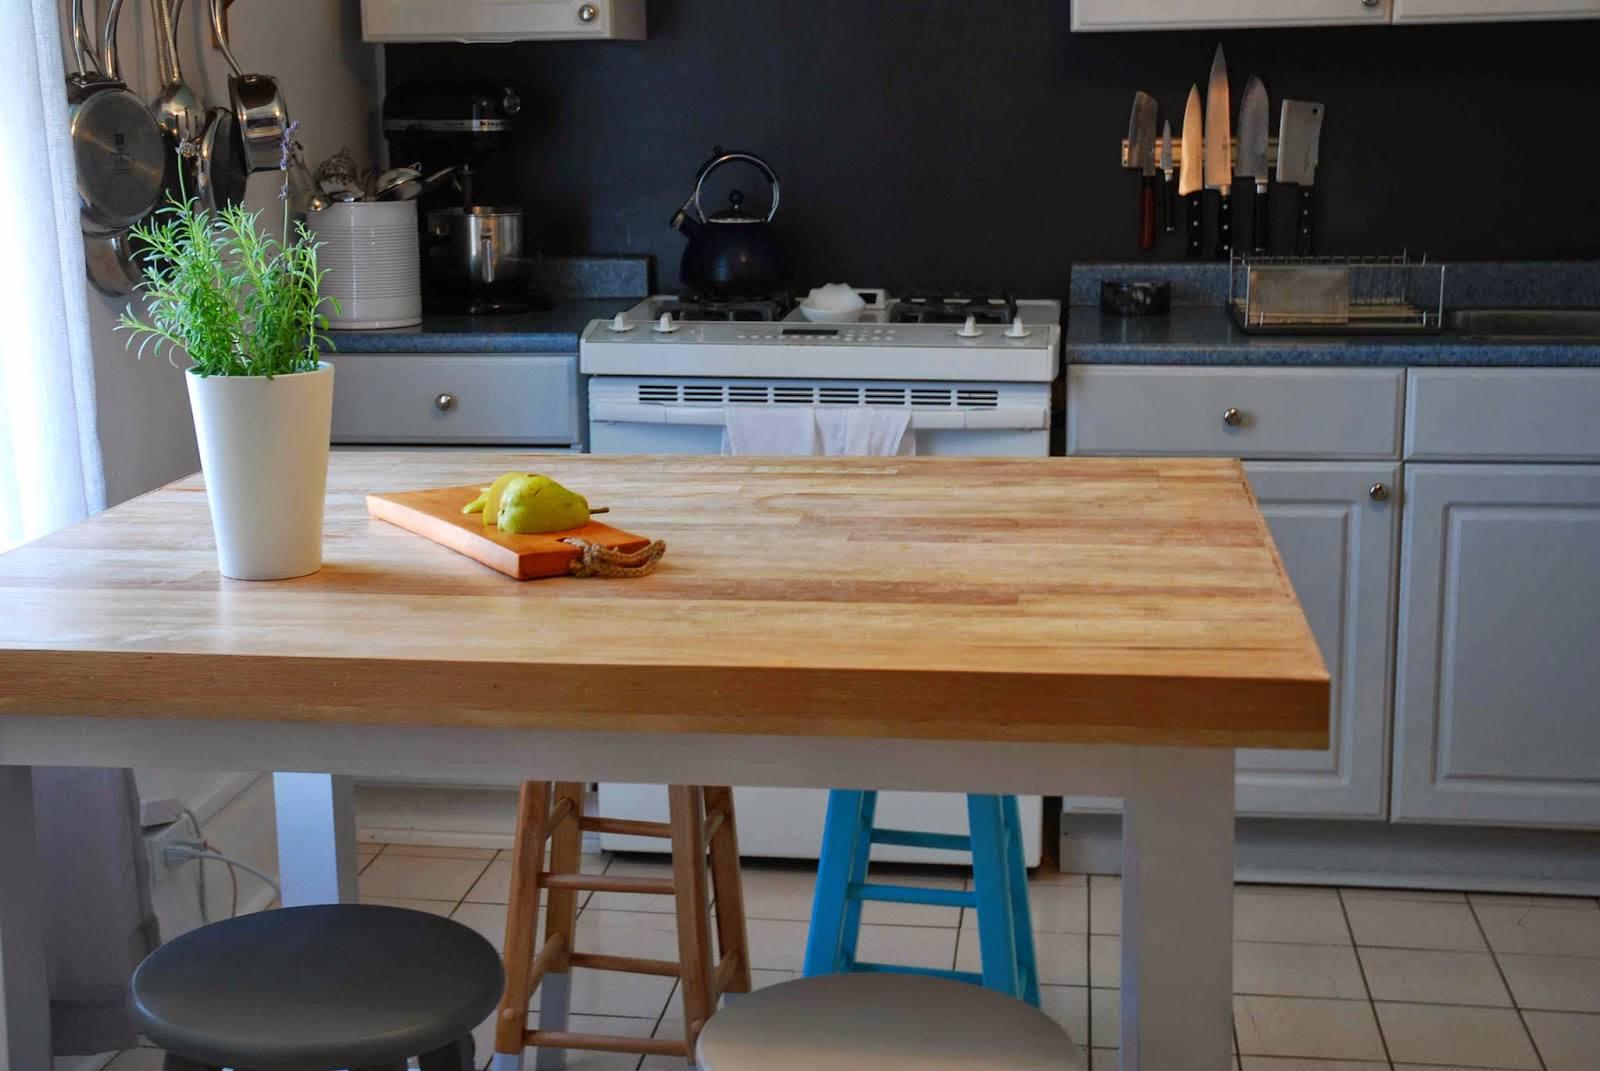 Building A Kitchen Island: 15 Free DIY Kitchen Island Plans